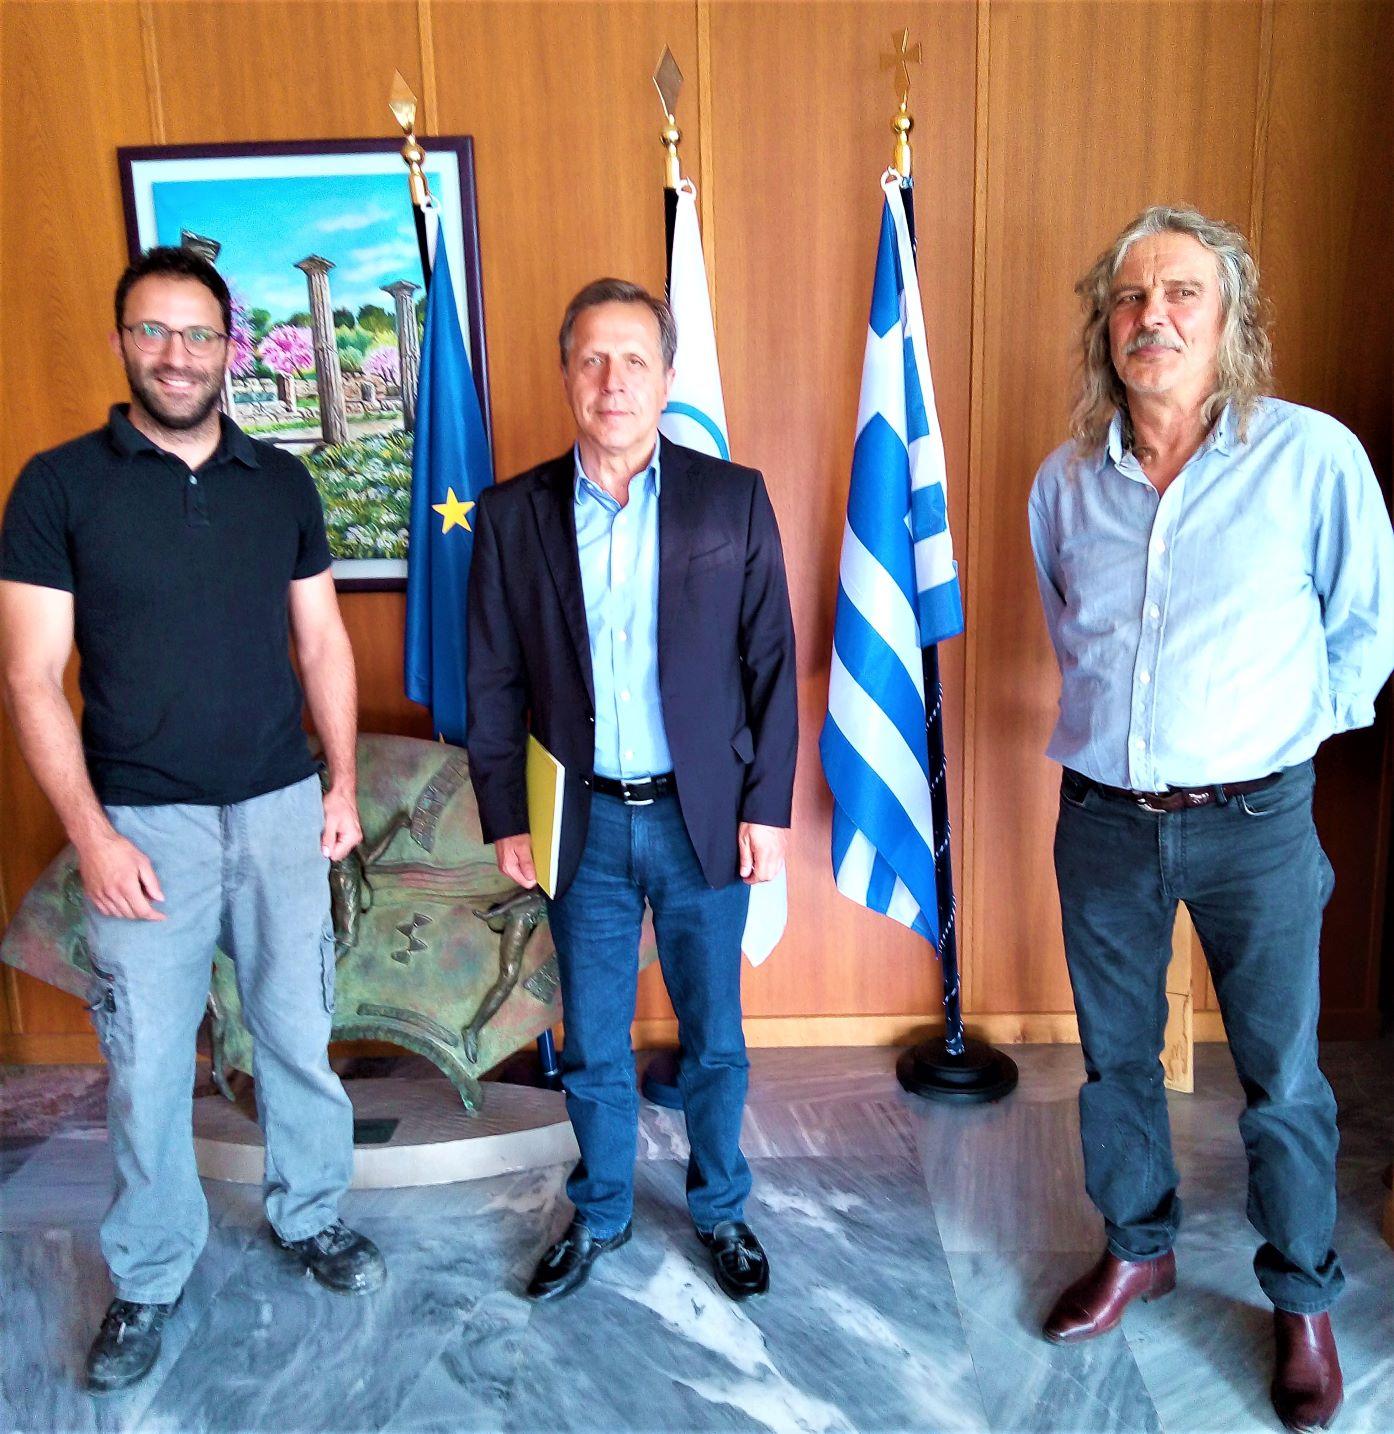 Δήμος Αρχαίας Ολυμπίας: Ορκίστηκε δημοτικός σύμβουλος ο Γιώργος Γεωργούλης